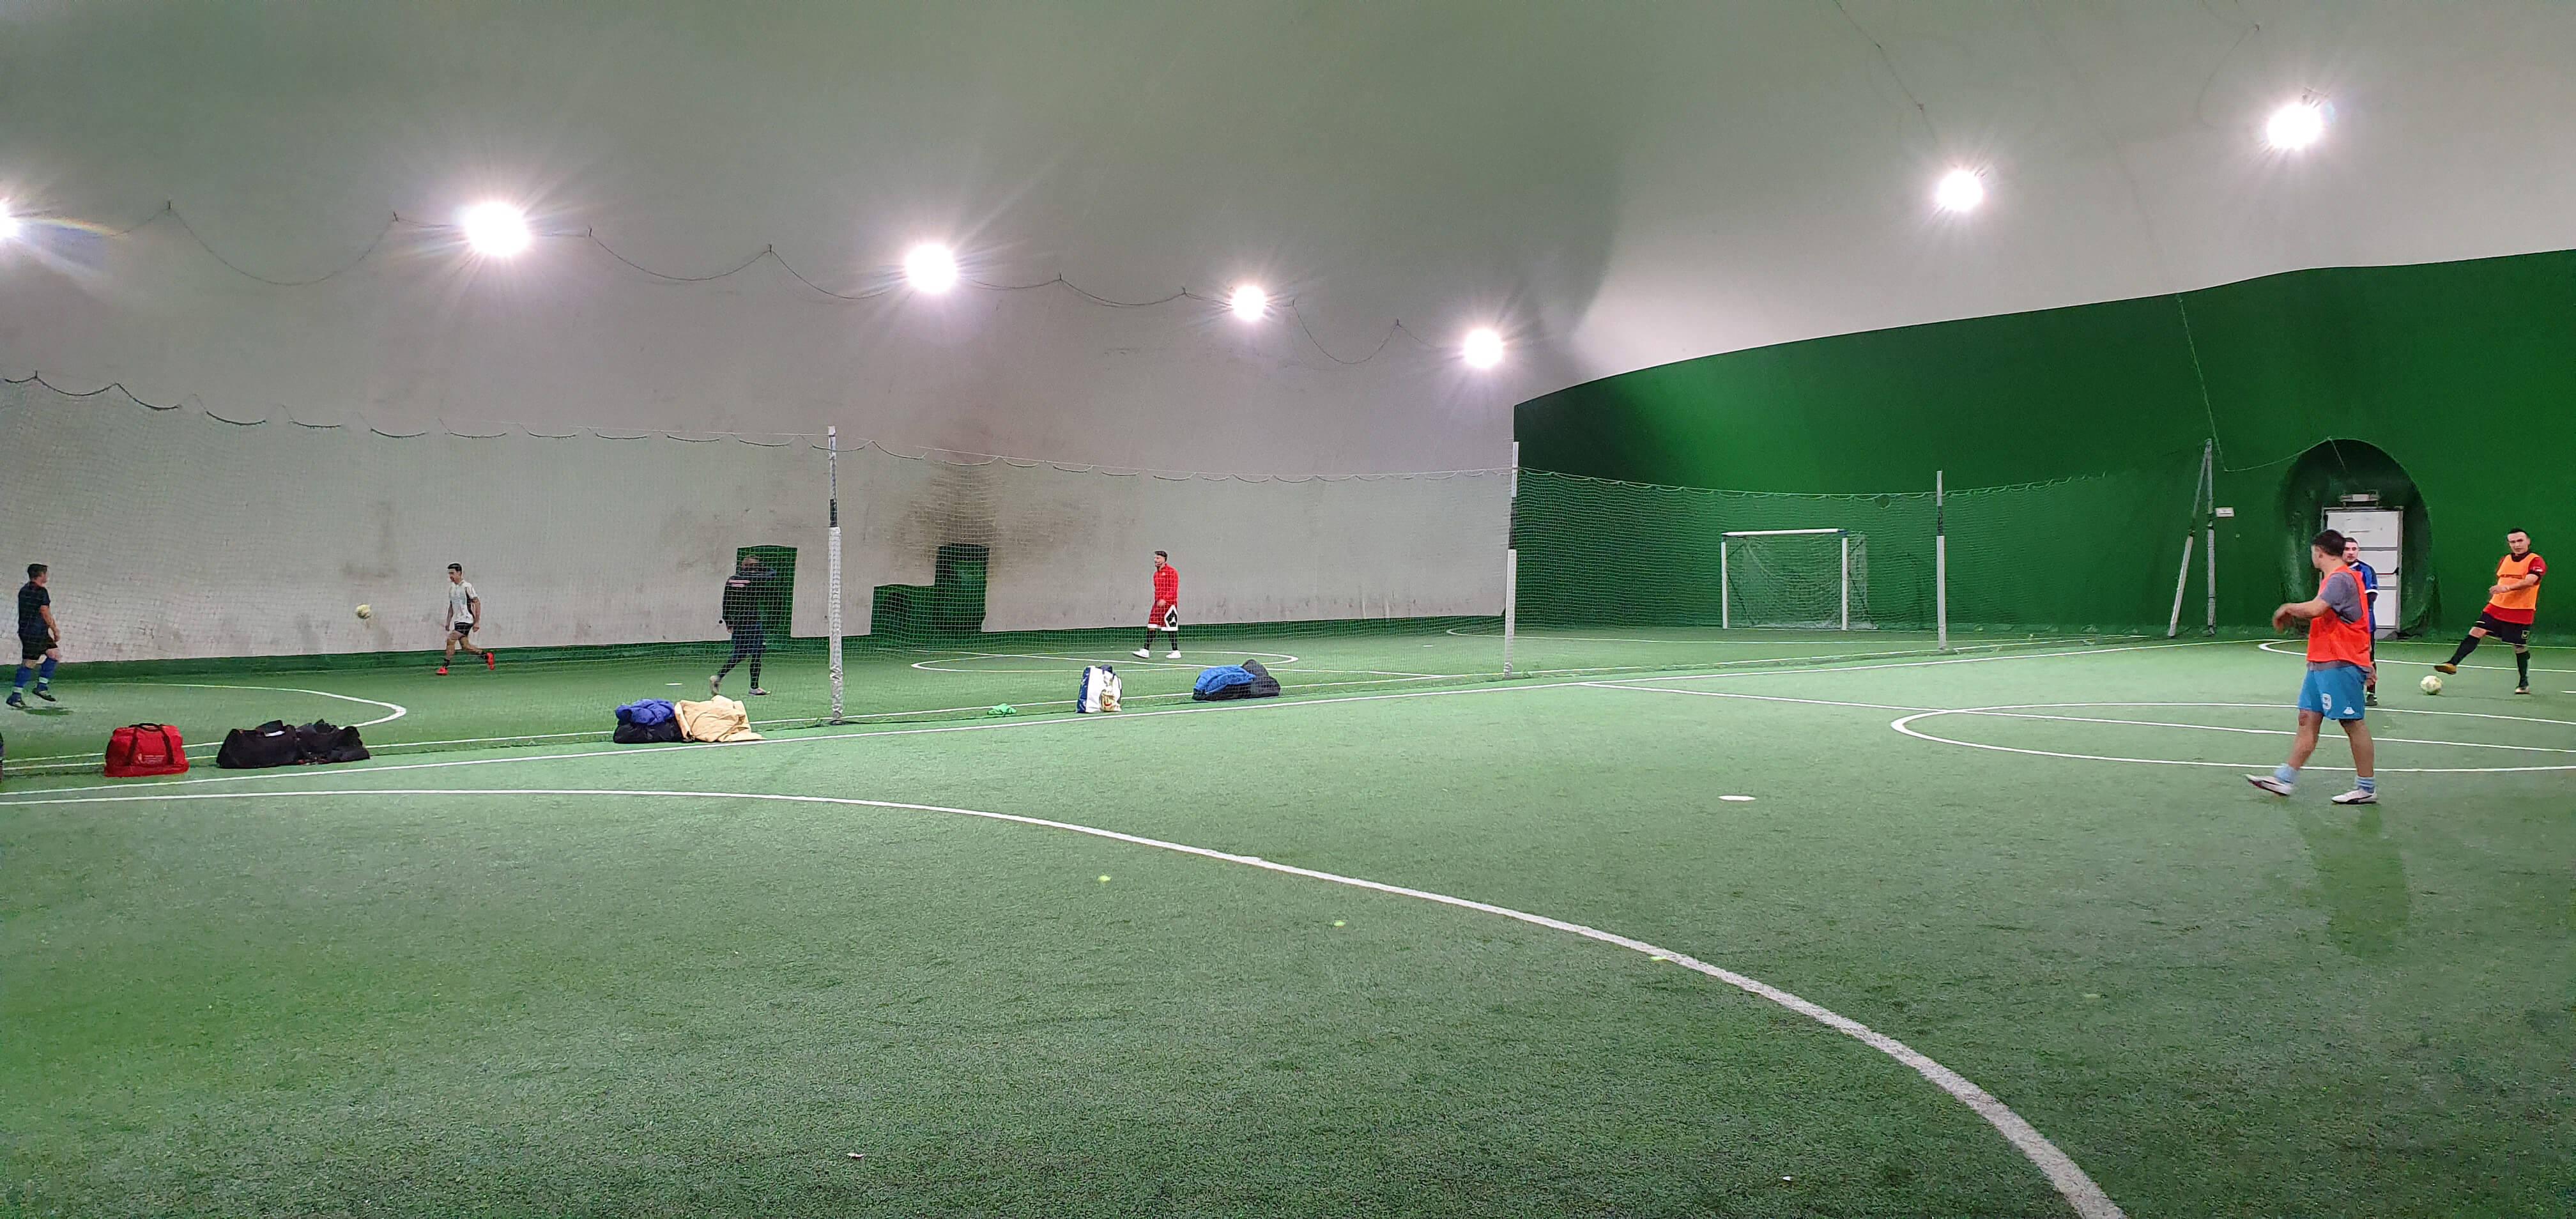 Centro-sportivo-la-pianta-310-la-spezia-1